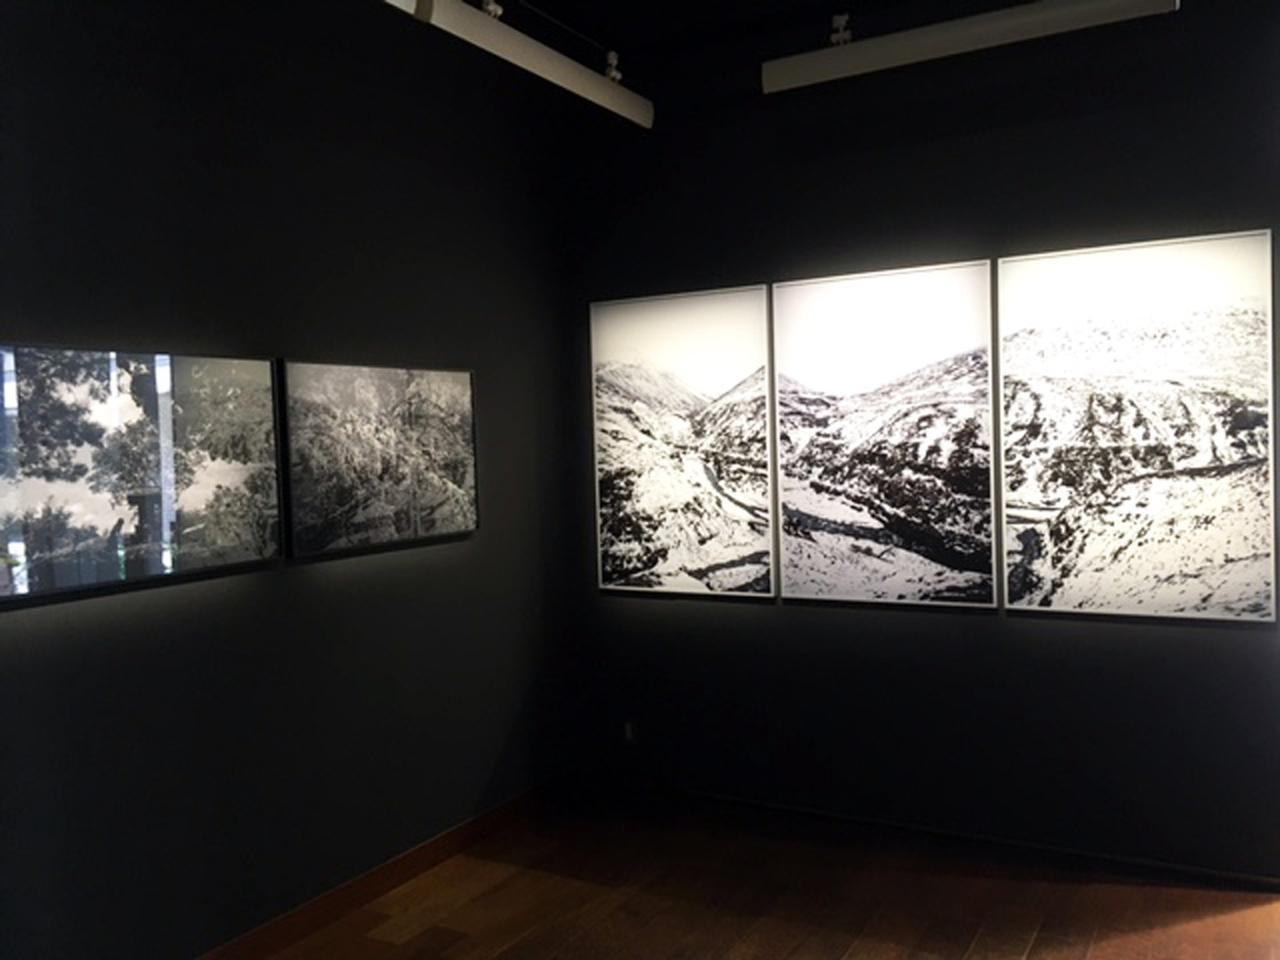 画像2: 竹沢うるま写真展『BOUNDARY | 境界』。圧倒的な大地を前にするとき、宗教も国境も差別も格差も、すべては意味をなさない…と、氏は言う。